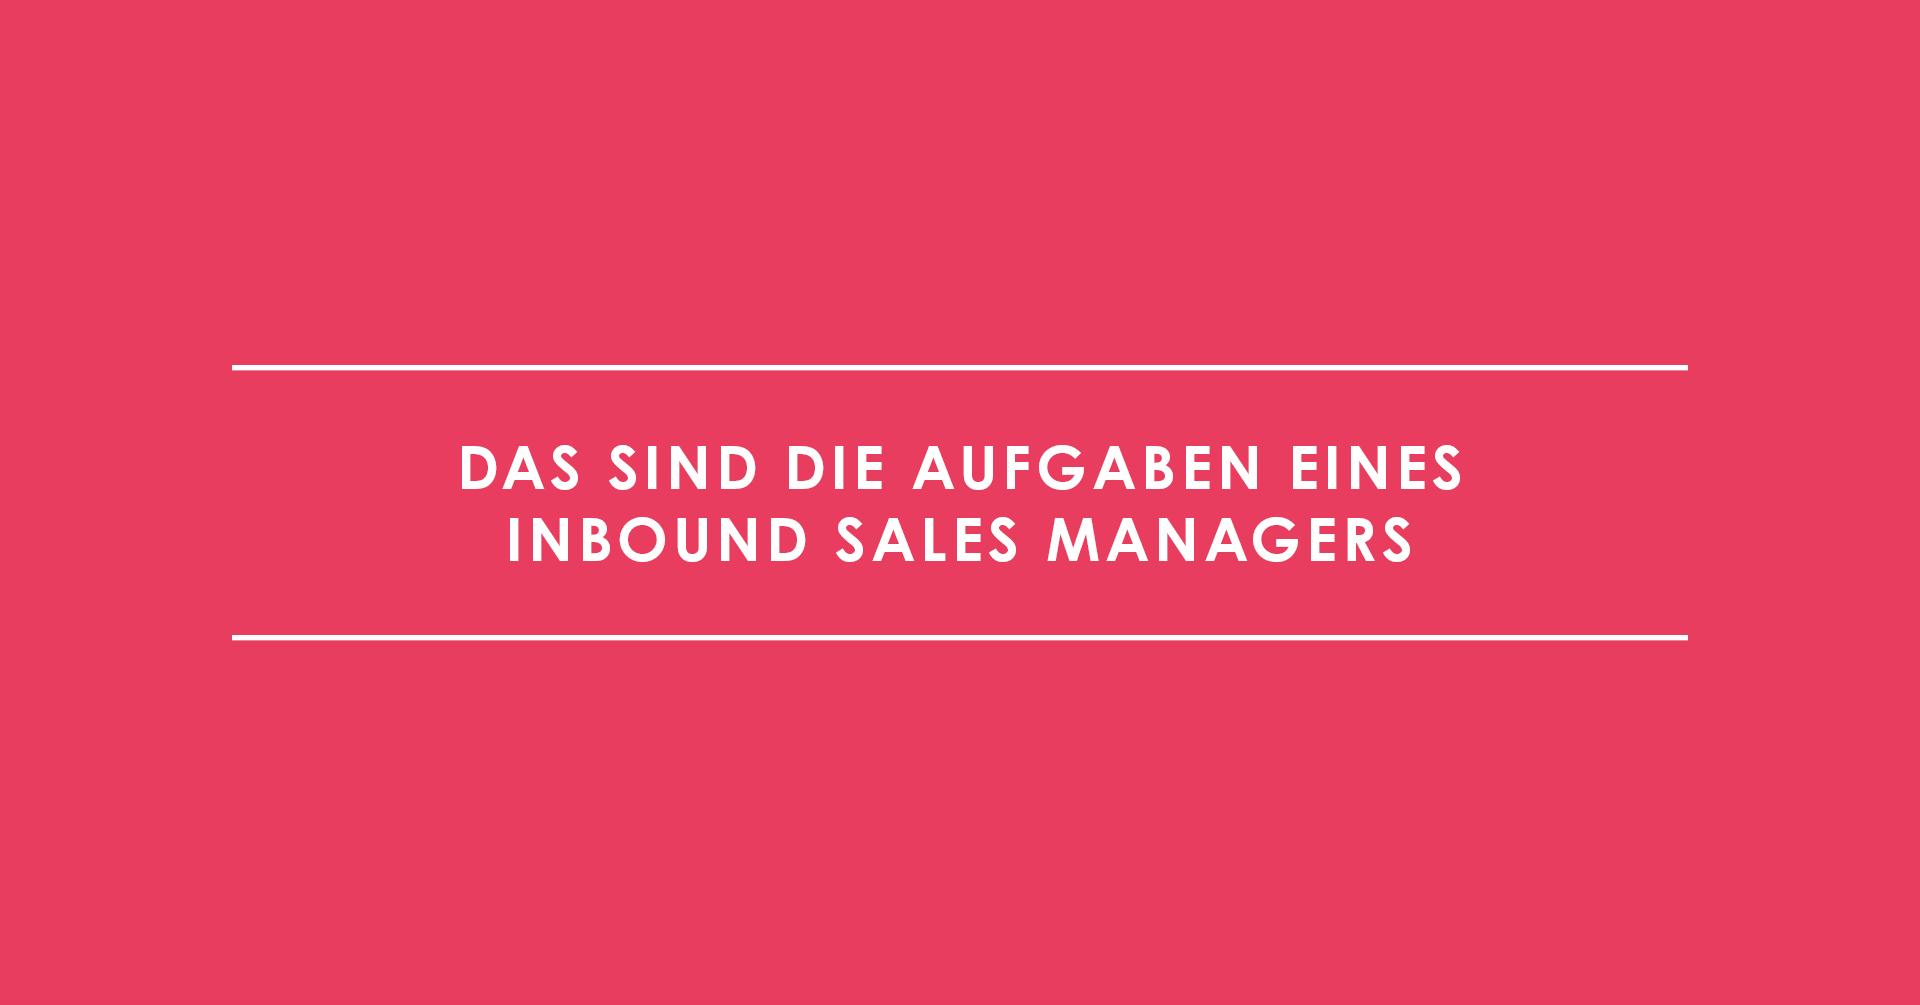 Das sind die Aufgaben eines Inbound Sales Managers